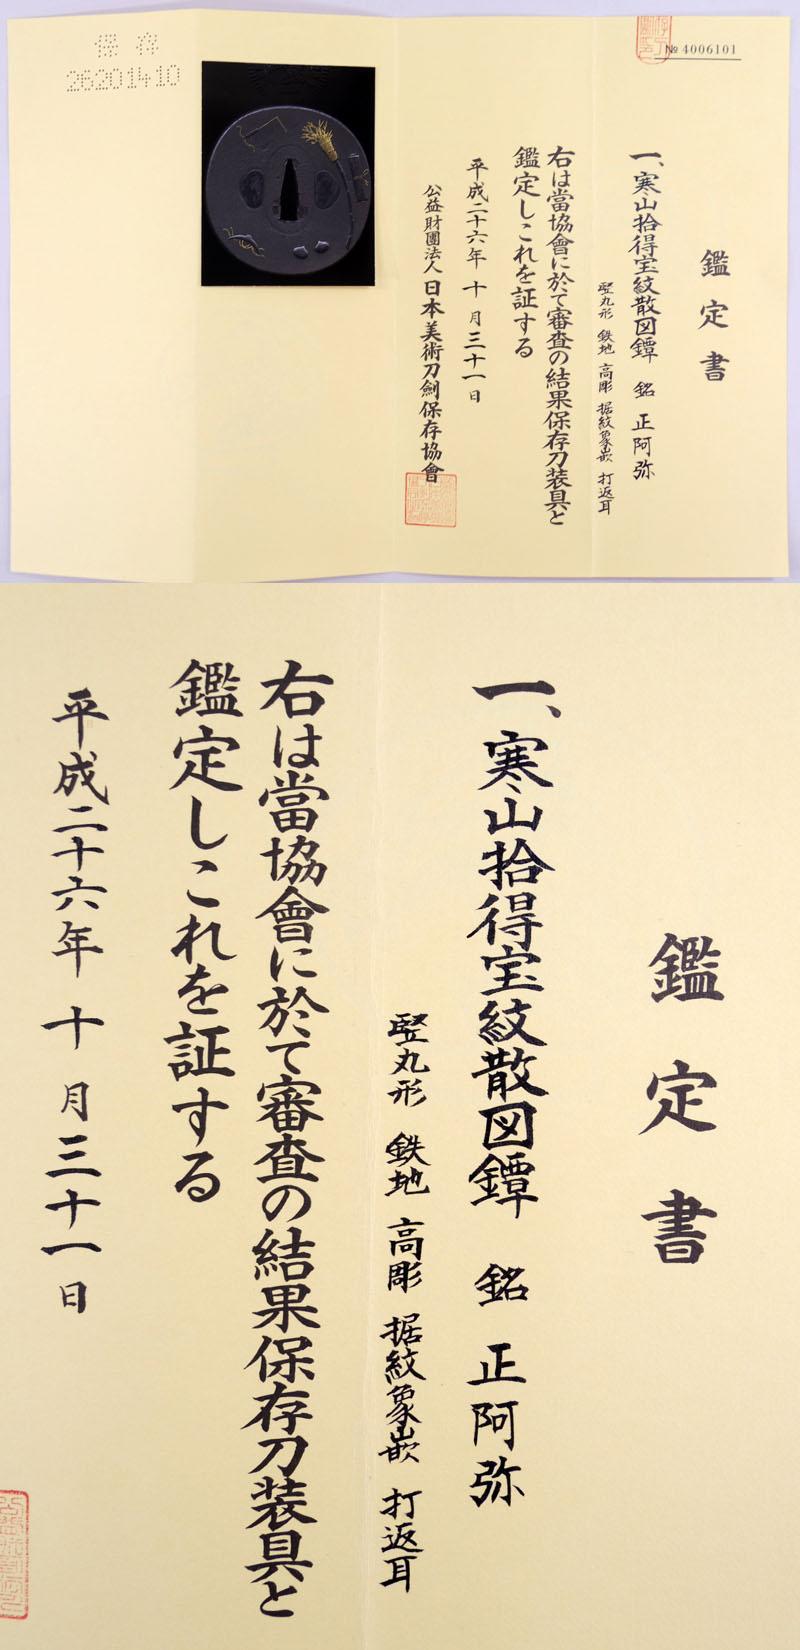 寒山拾得宝紋散図鍔 正阿弥 Picture of Certificate